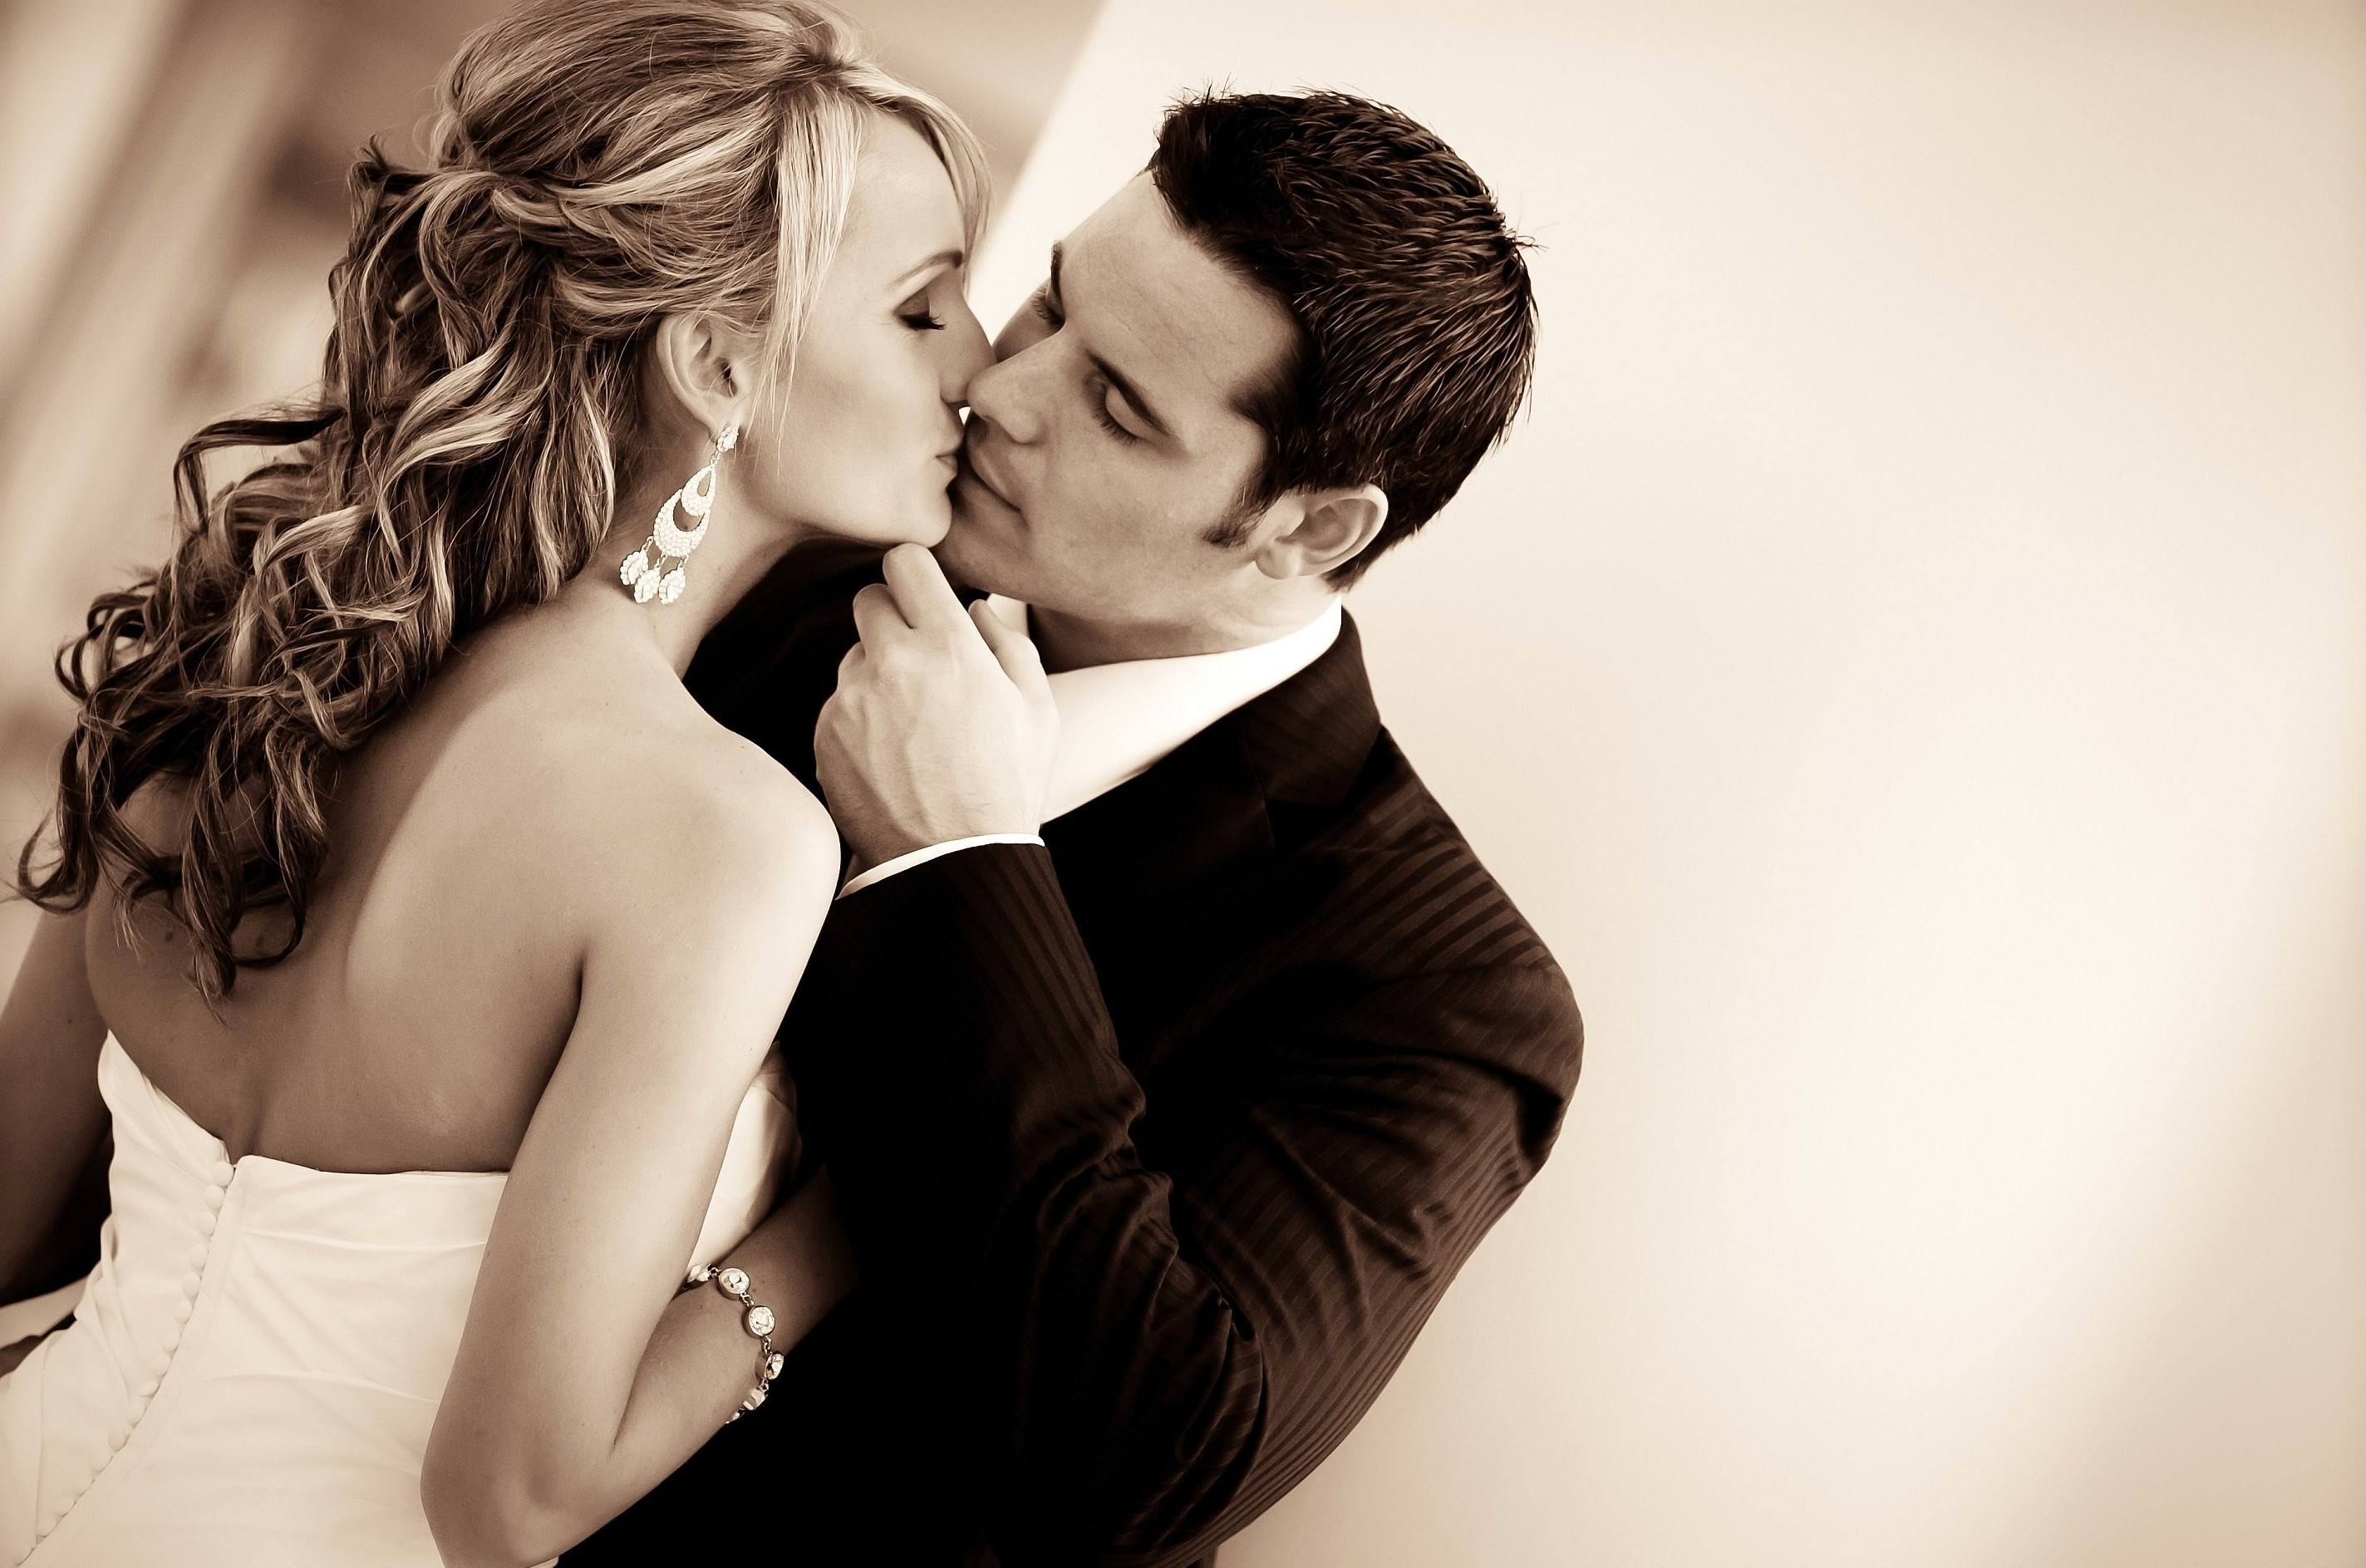 Картинки поцелуев романтики